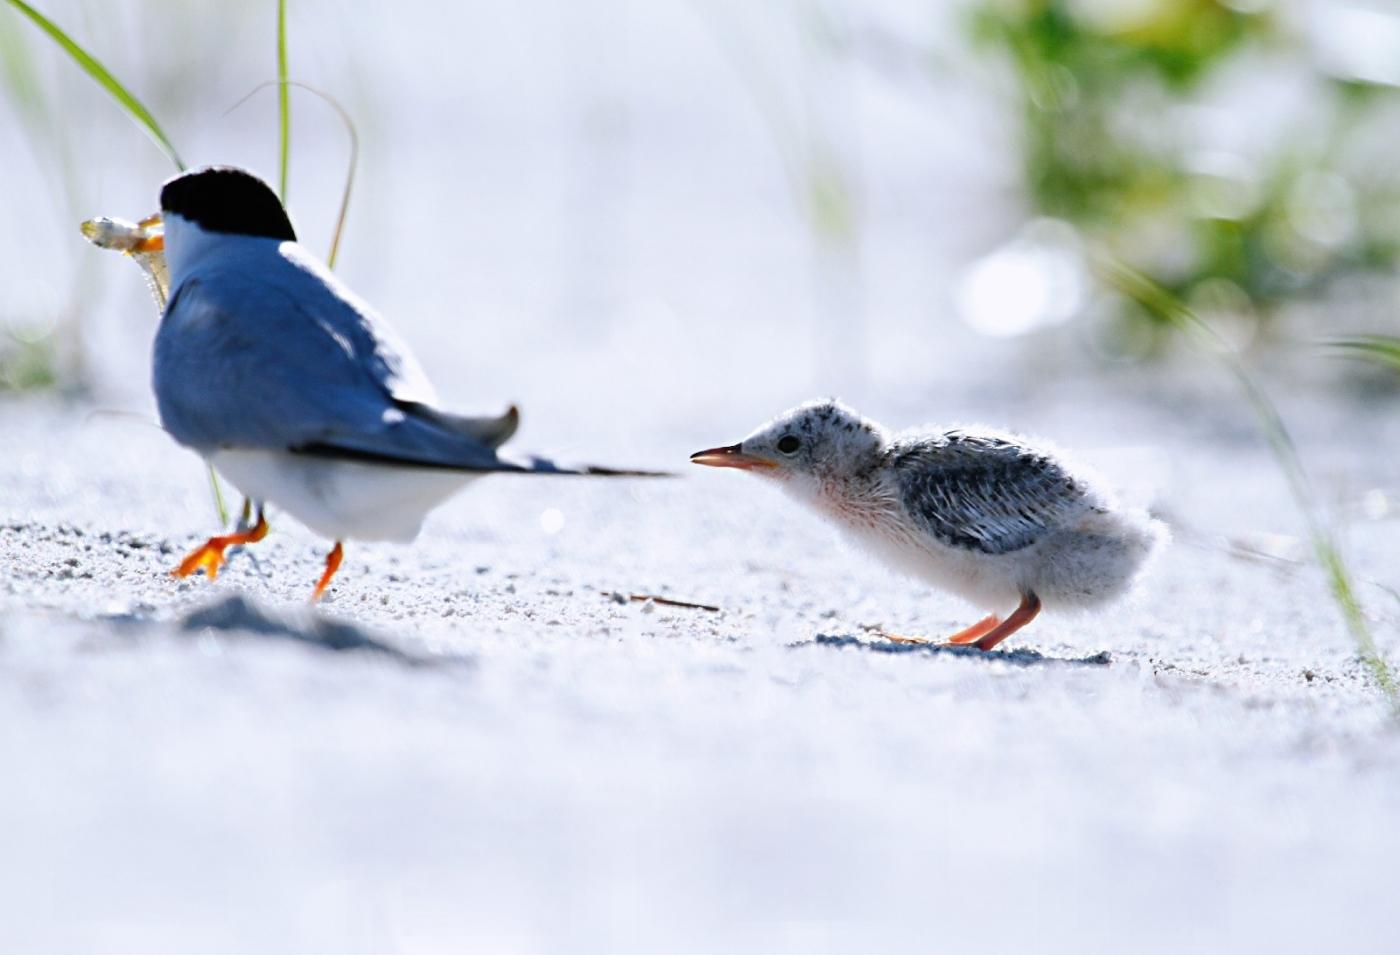 【田螺摄影】黄嘴燕鸥整个出生成长的过程_图1-5